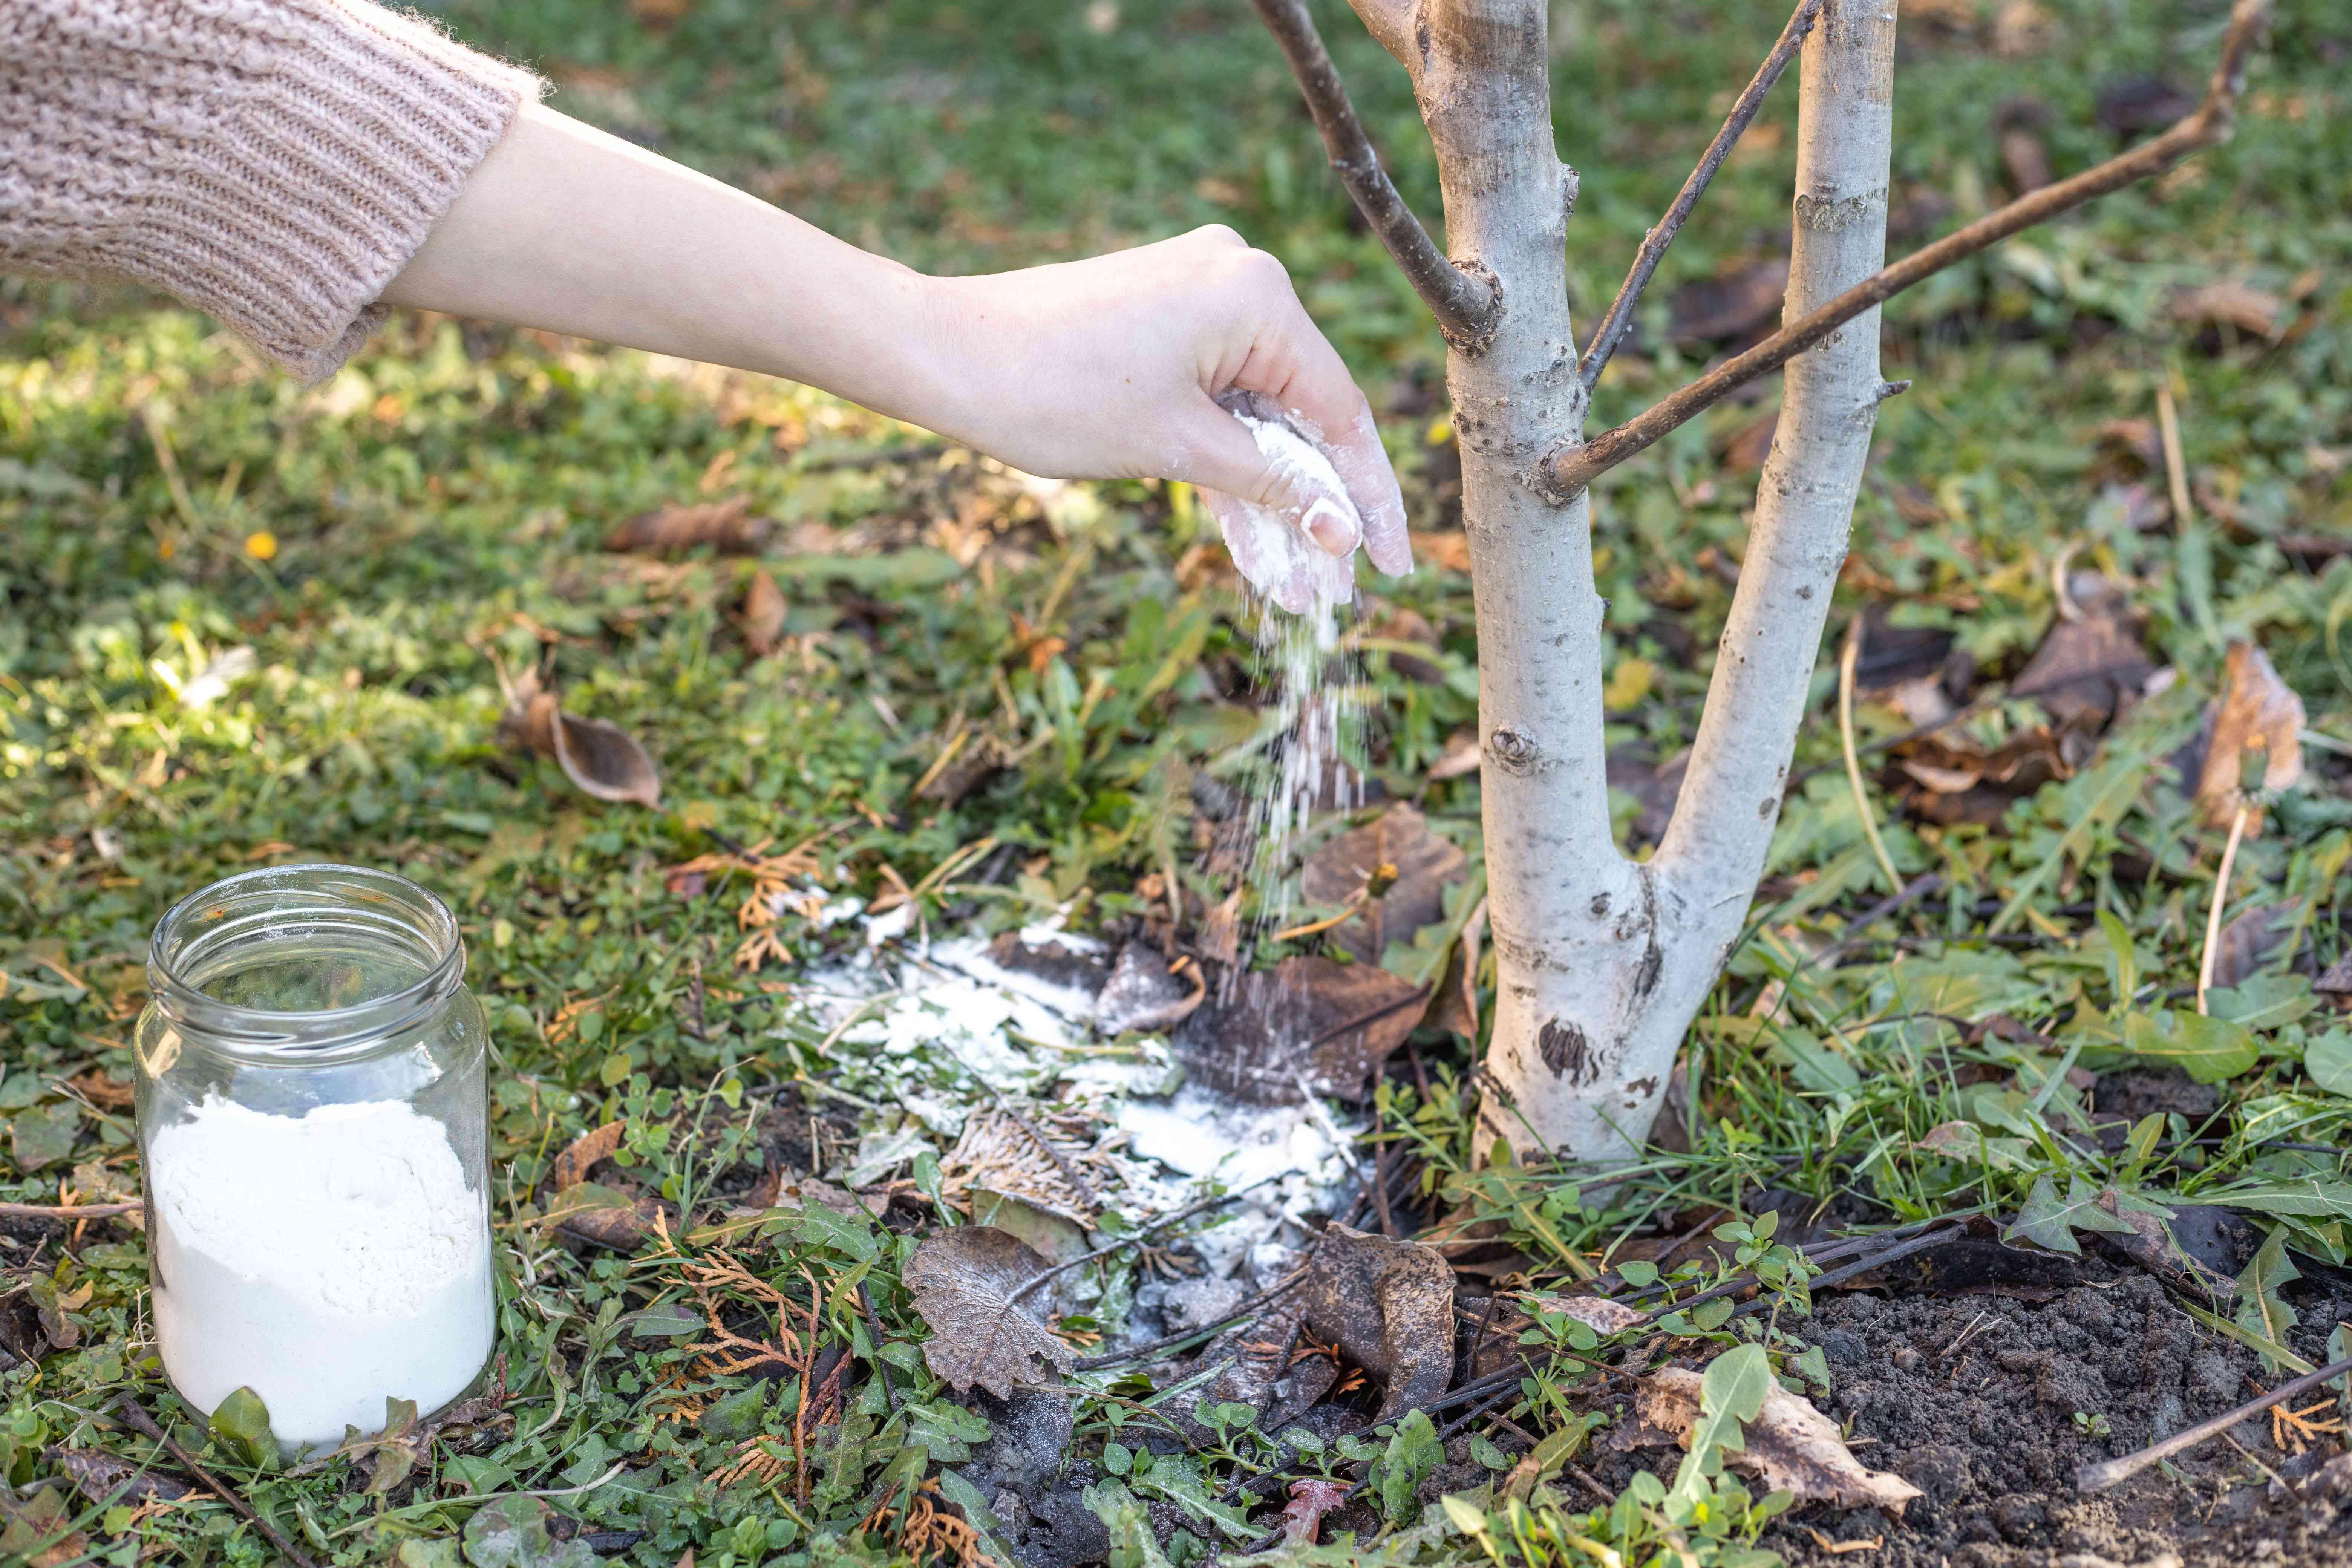 sprinking diatomaceous earth around tree on ground